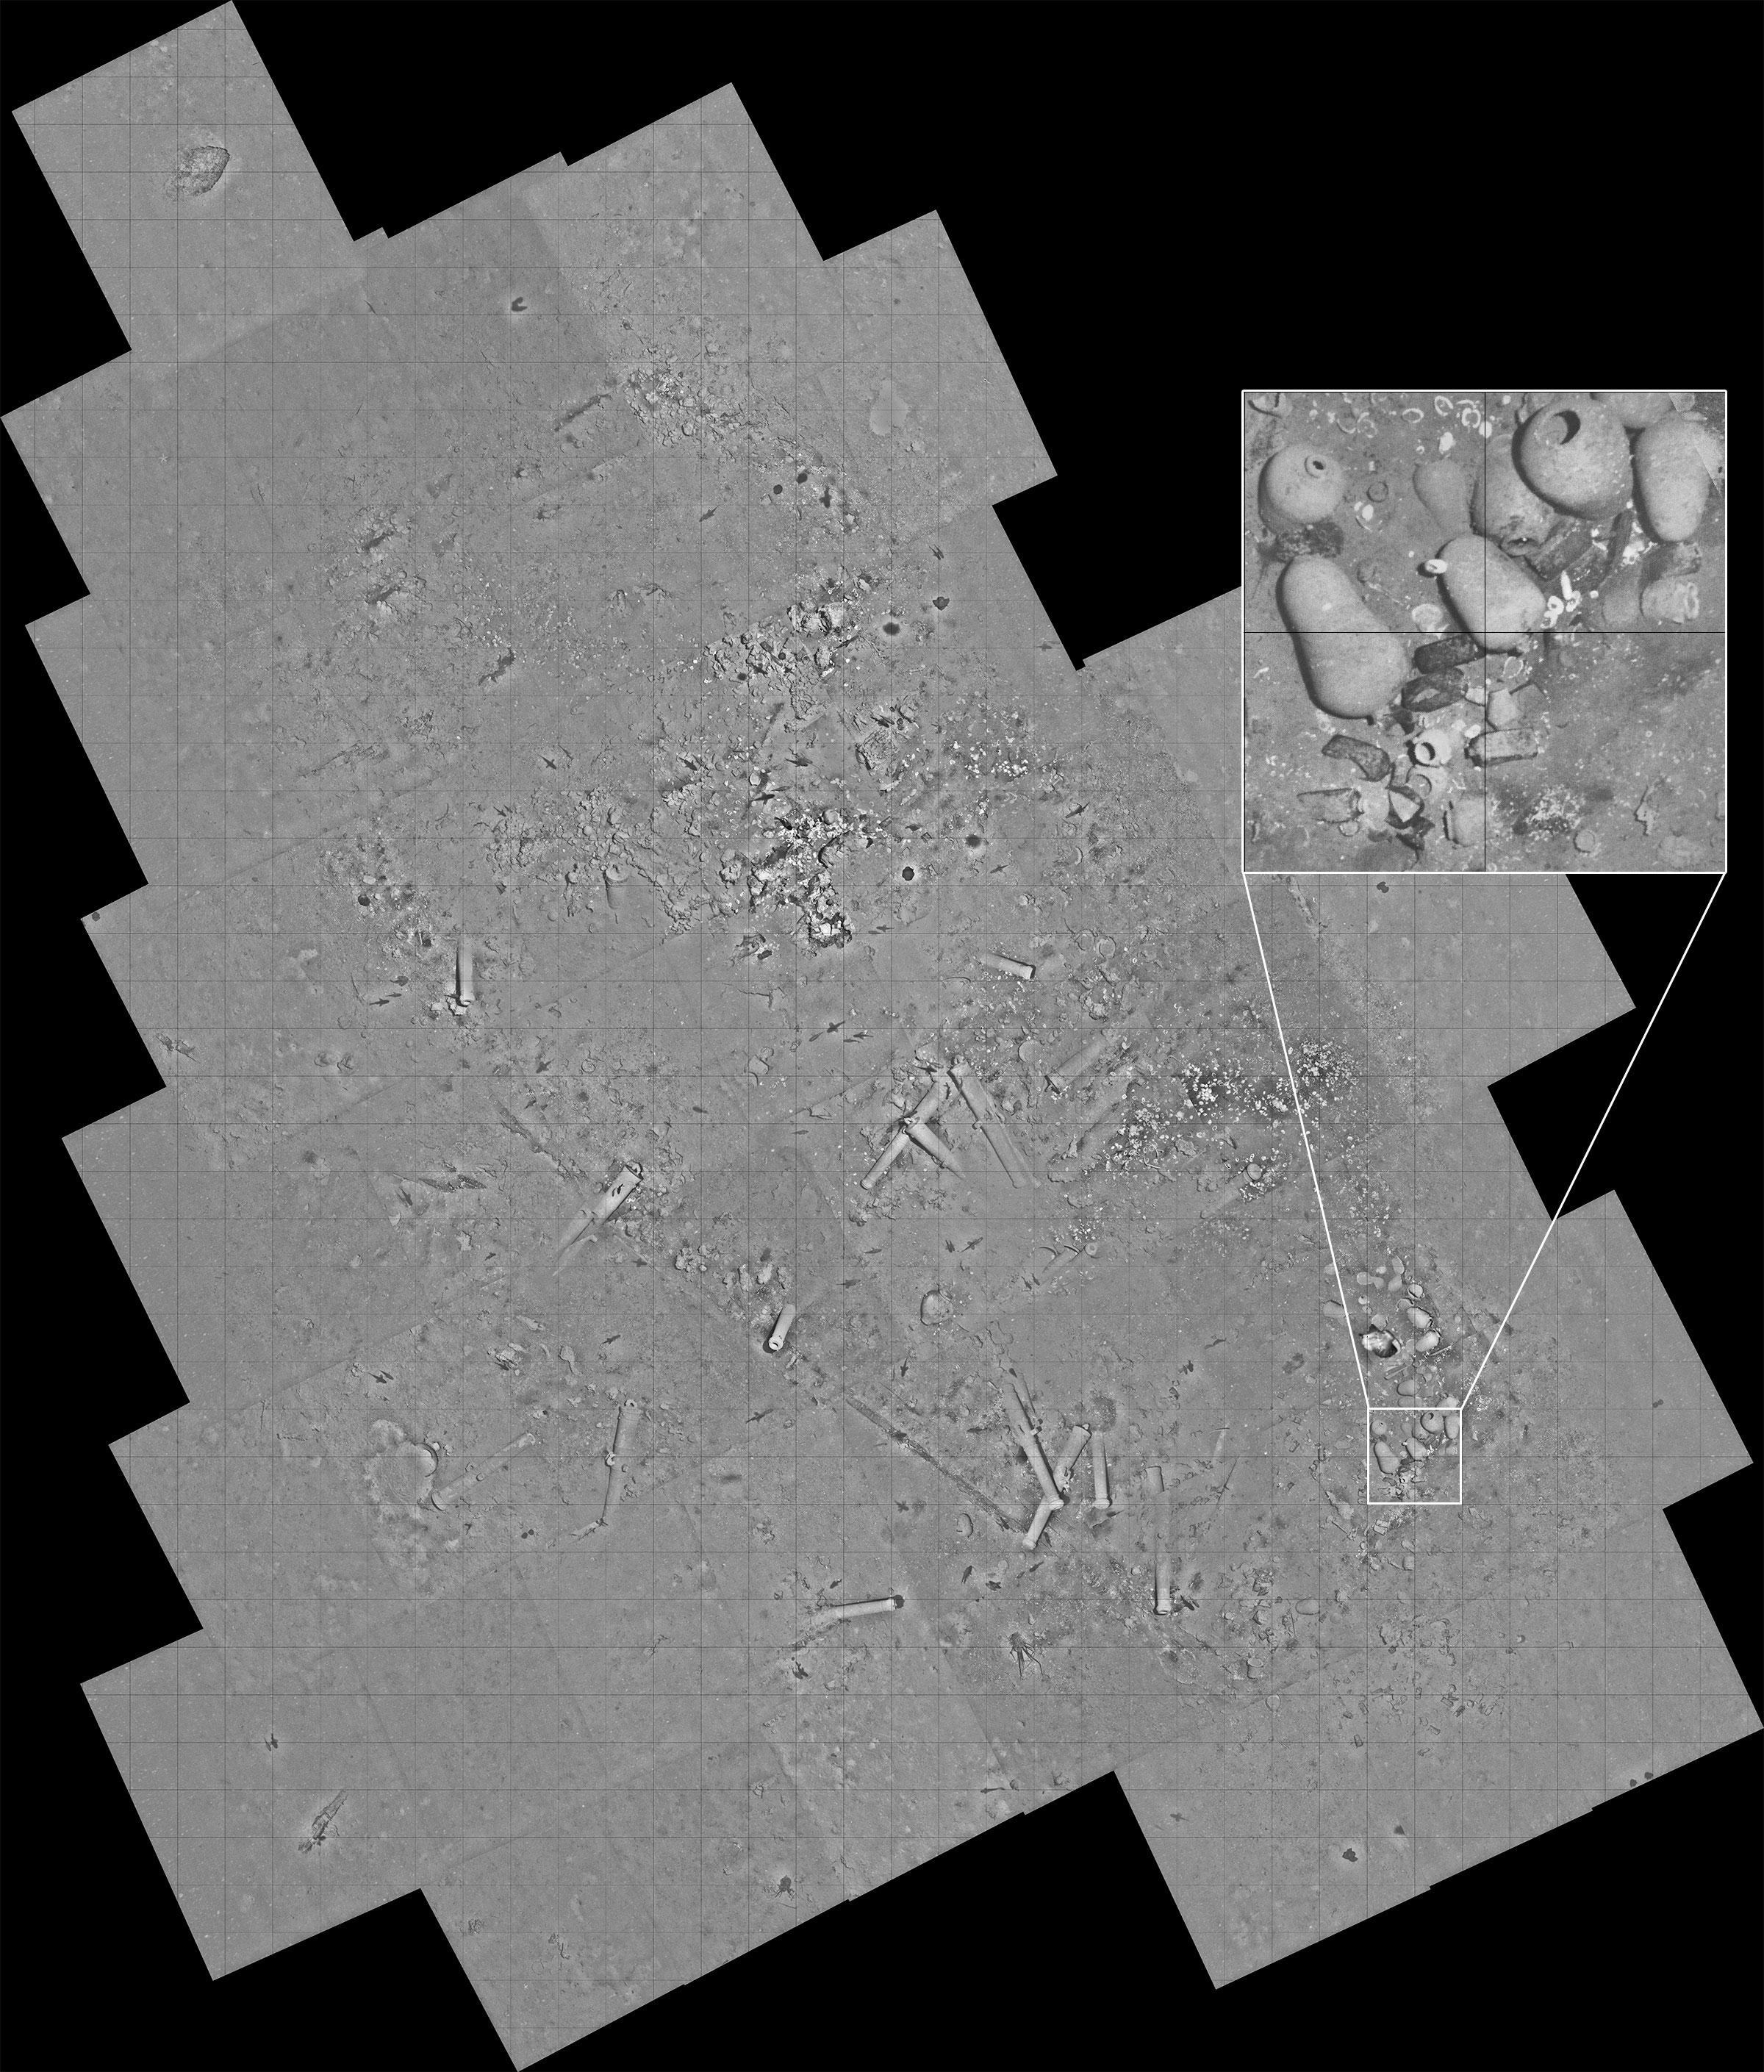 Un nuevo mosaico de imágenes reticulado tomado por el REMUS 6000 muestra el sitio completo del naufragio.